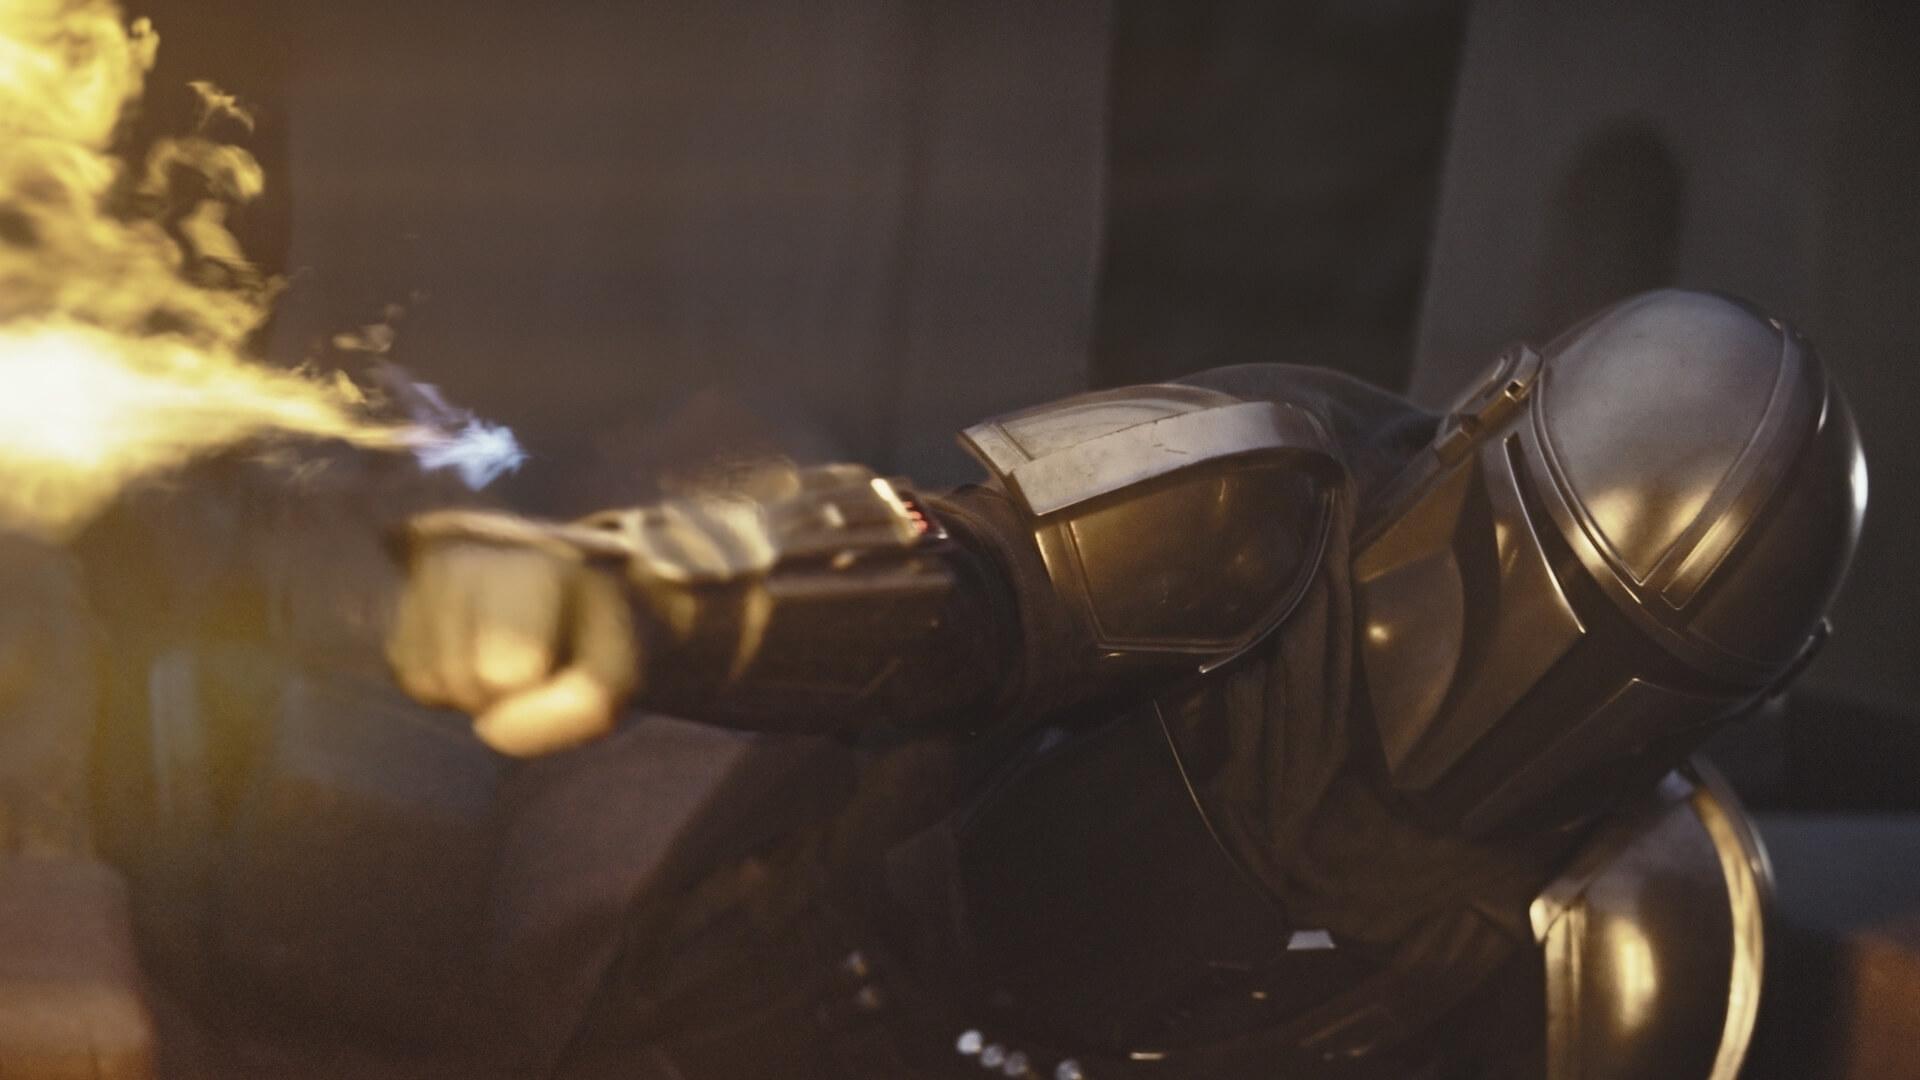 ついに「スター・ウォーズ」史上最も人気のキャラクターが大活躍!?『マンダロリアン』がディズニーデラックスで配信中 art200116_mandalorian_6